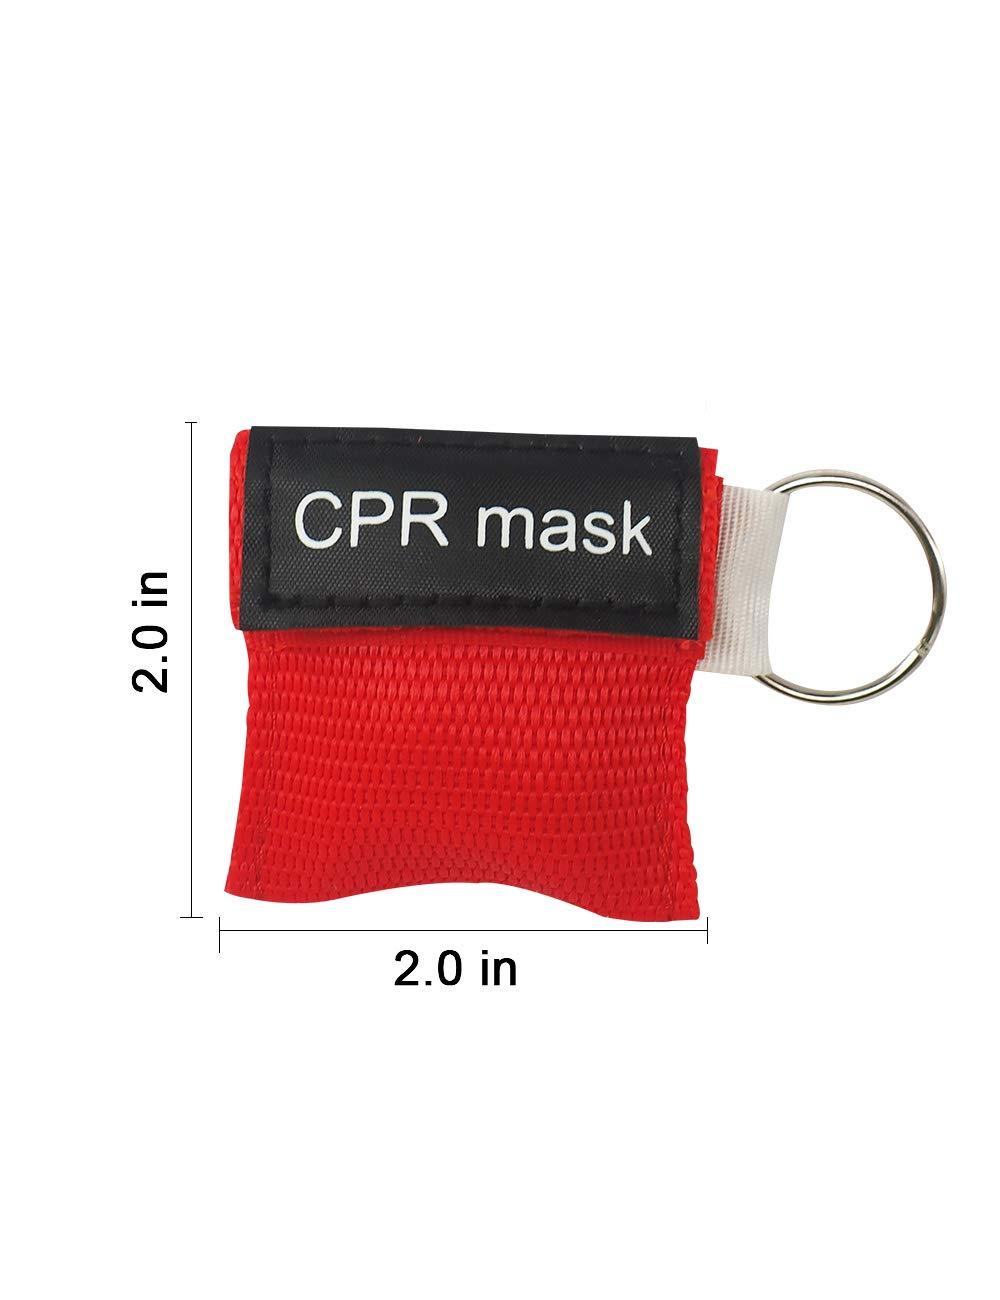 Amazon.com: Máscara CPR llavero con válvula de una sola ...